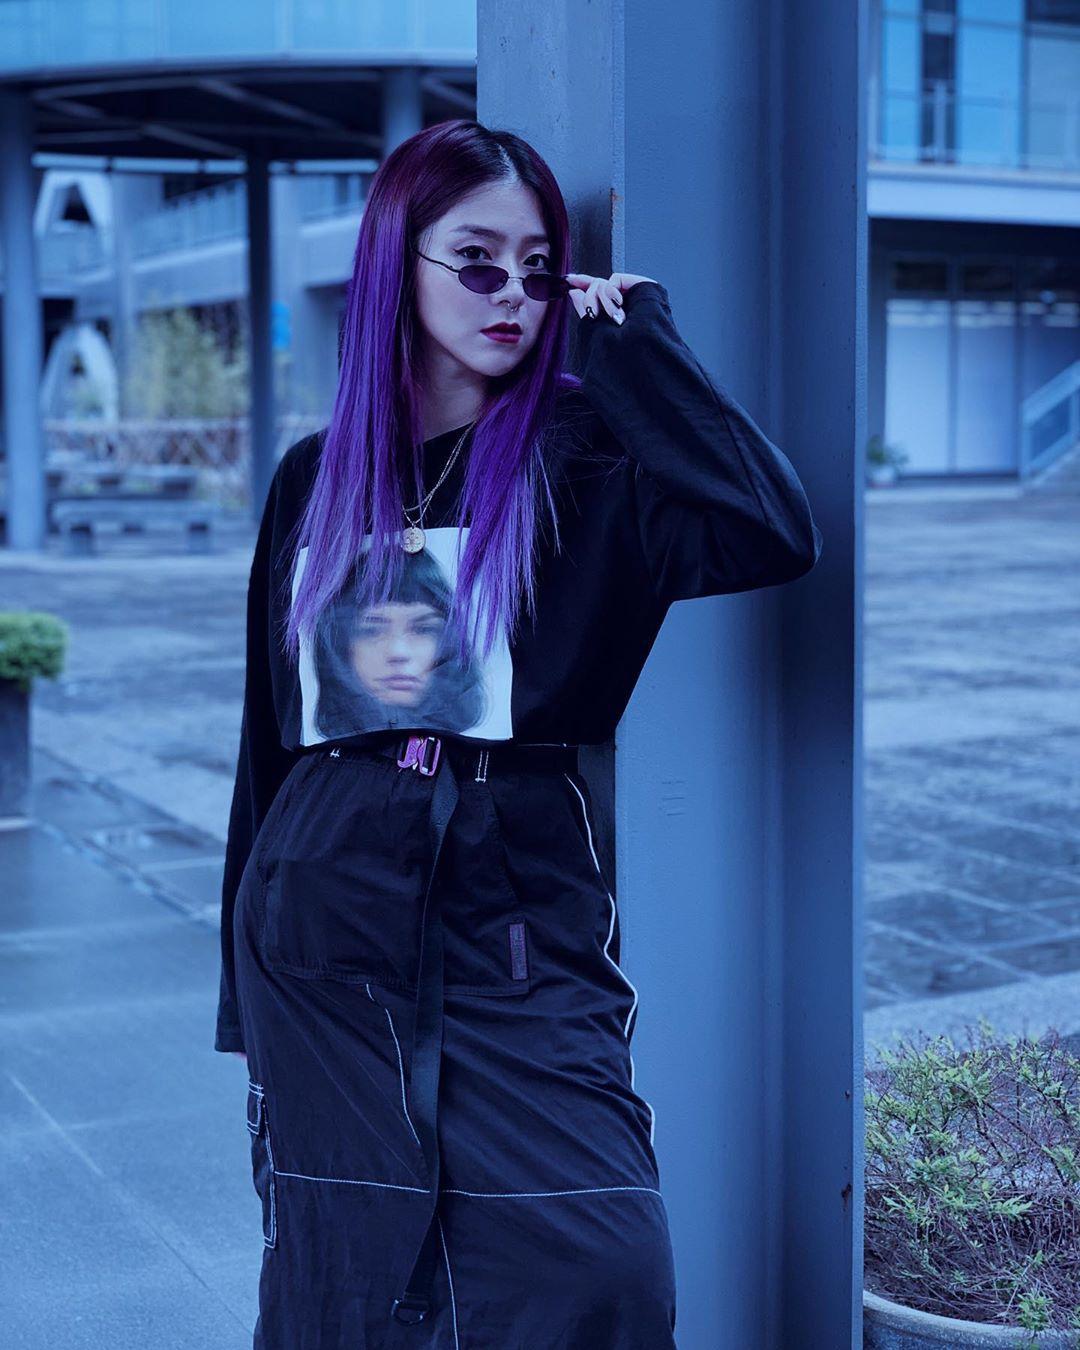 nữ dj xinh đẹp - ray ray mang kính retro